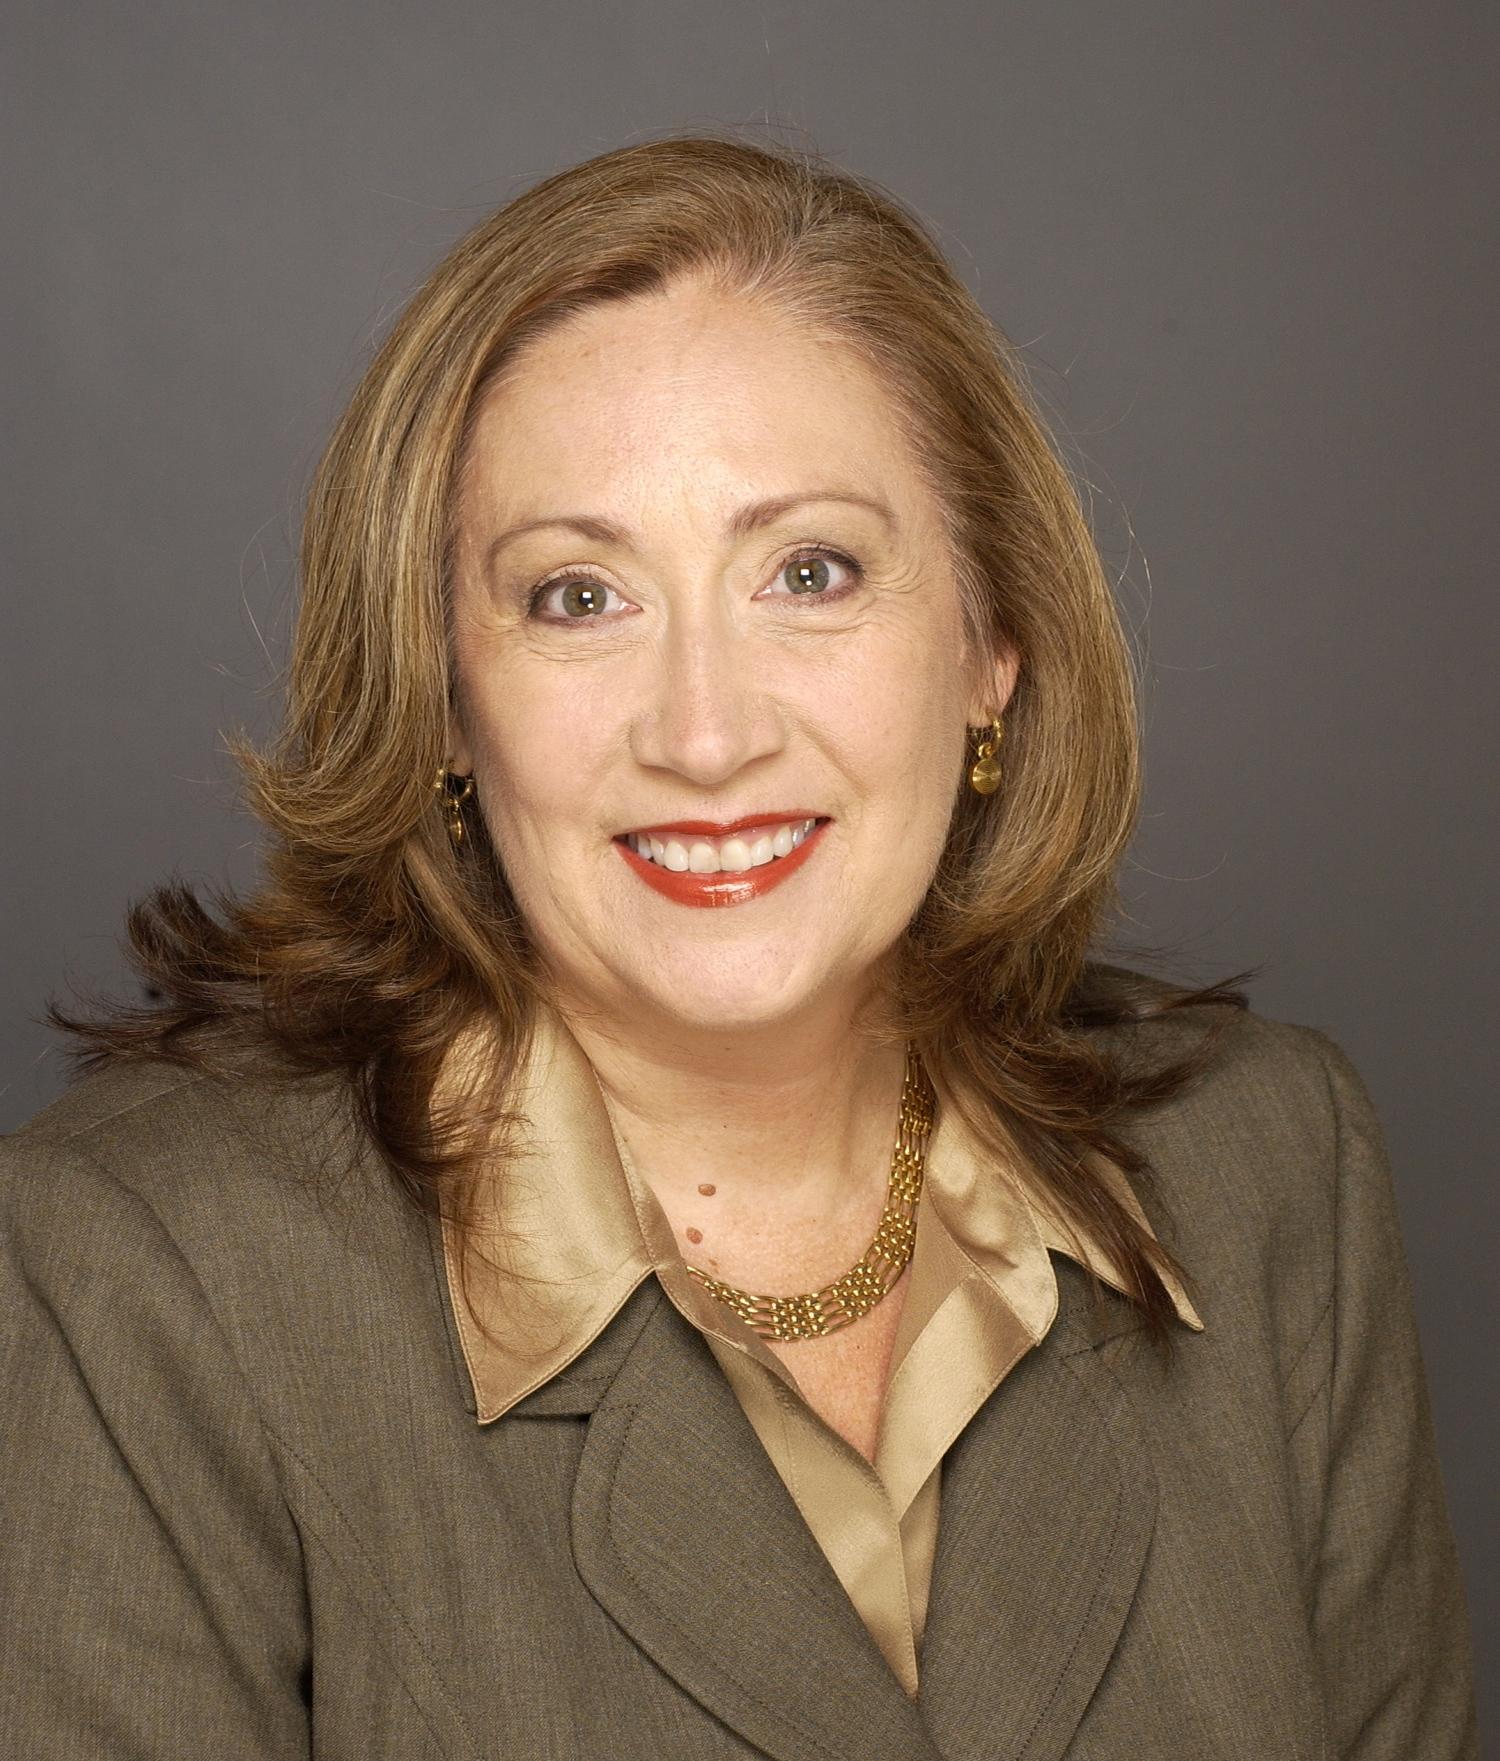 Linda L. Northrup